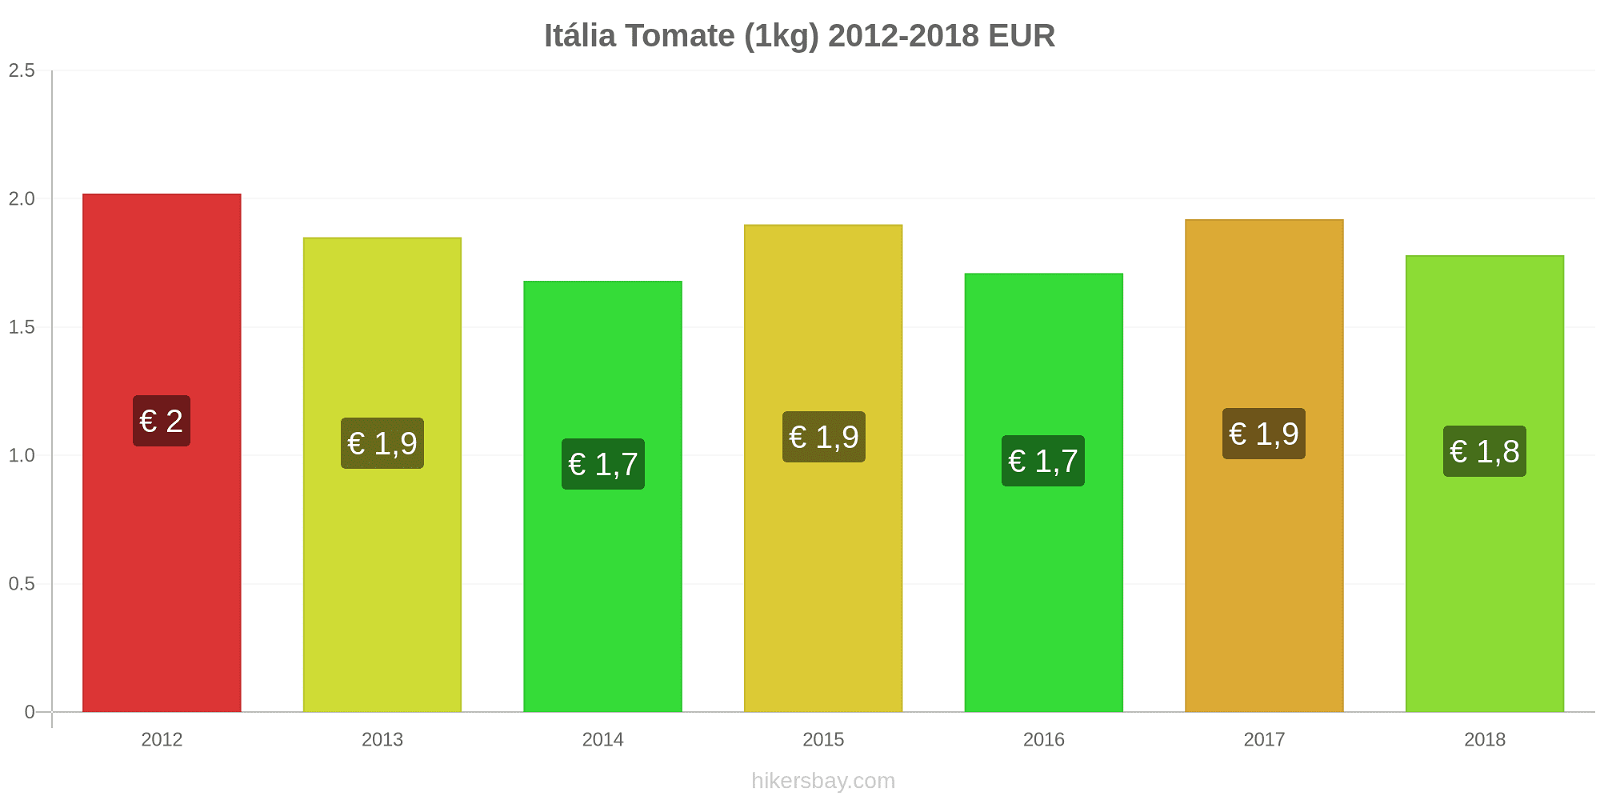 Itália variação de preço Tomate (1kg) hikersbay.com